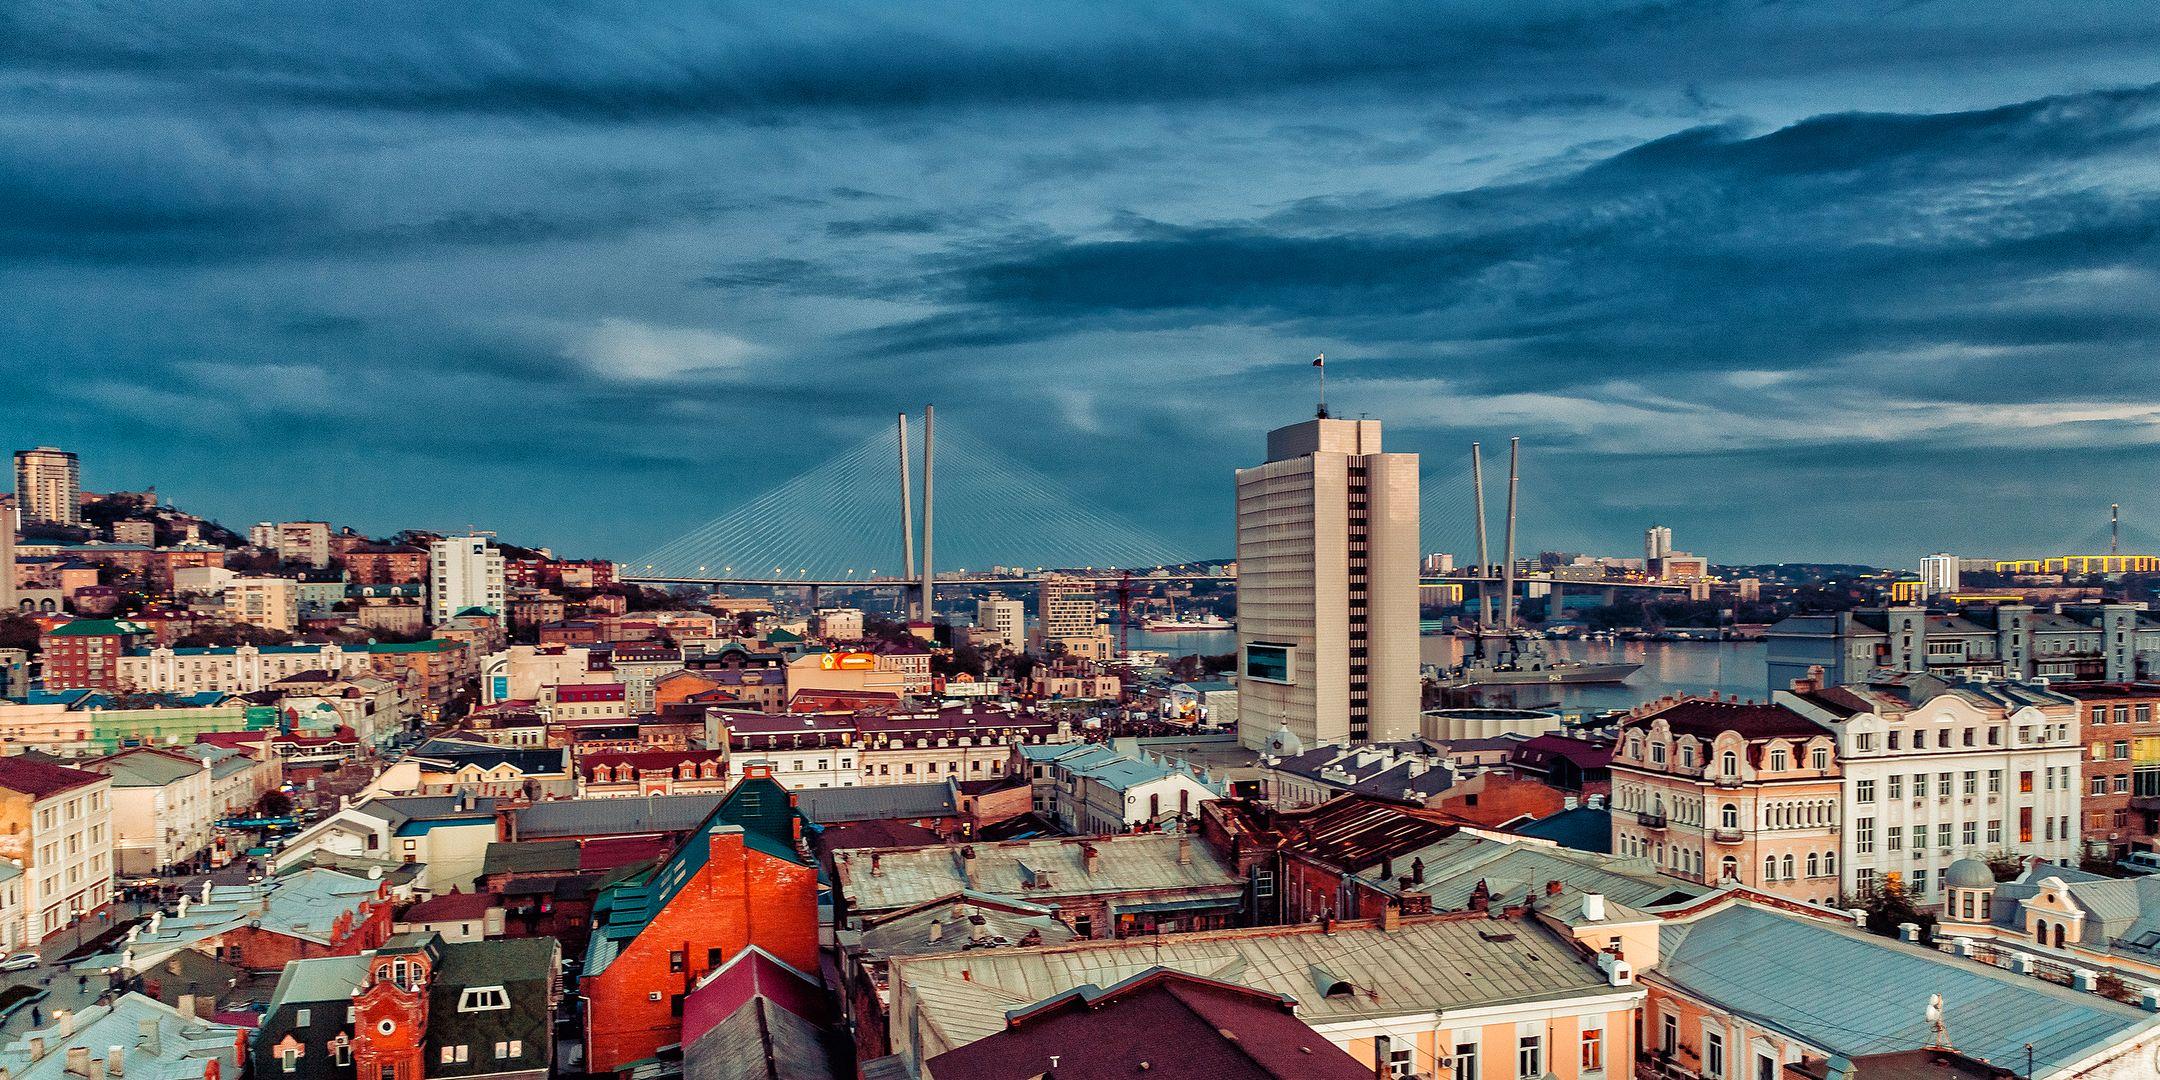 свое время фото панорама улиц владивосток стоит наведываться